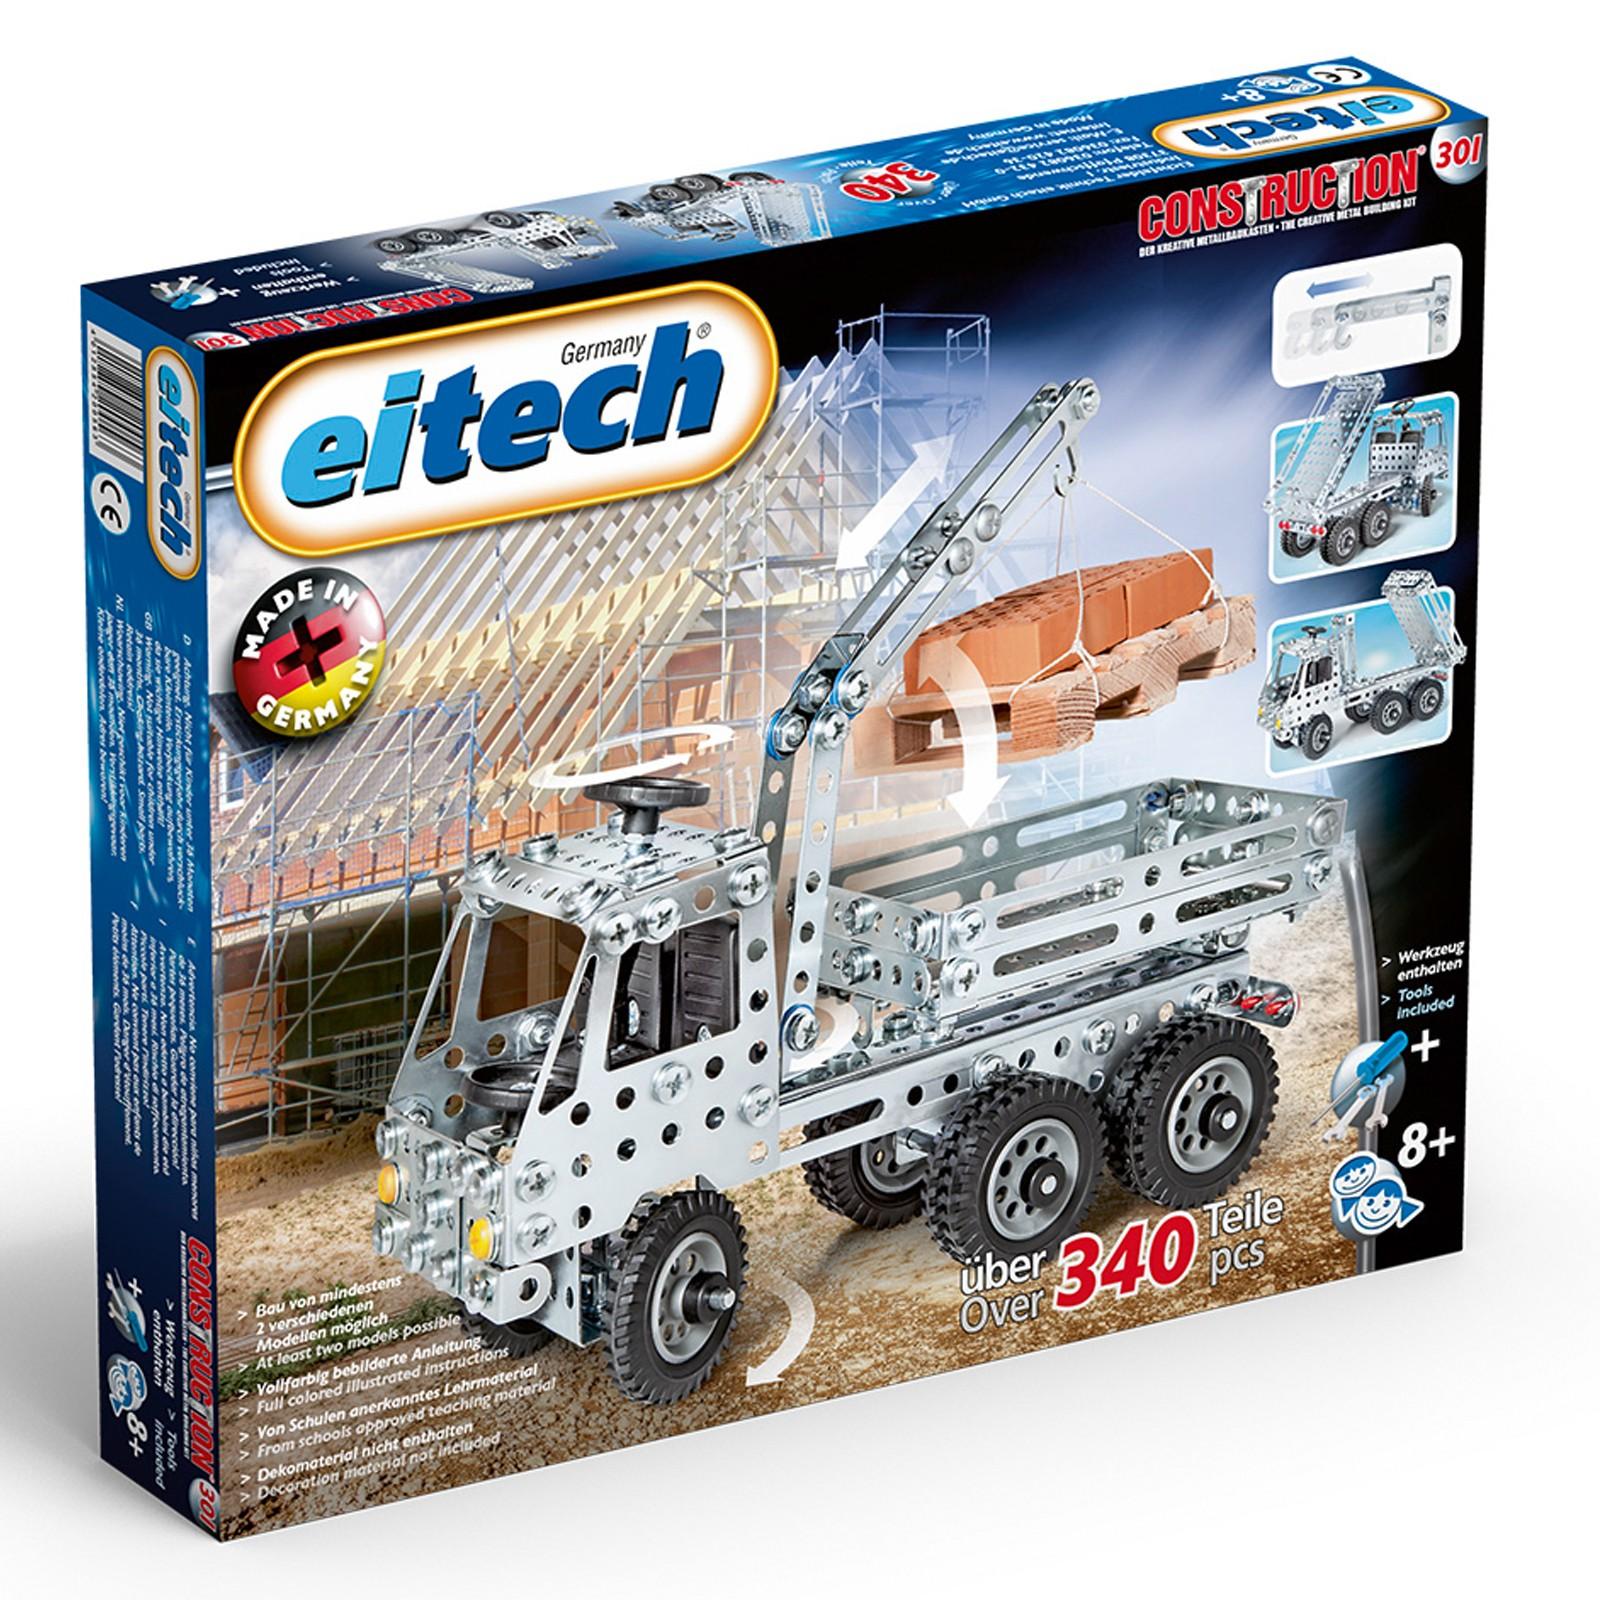 EITECH Metallbaukasten LKW mit Kipper & Ladekran